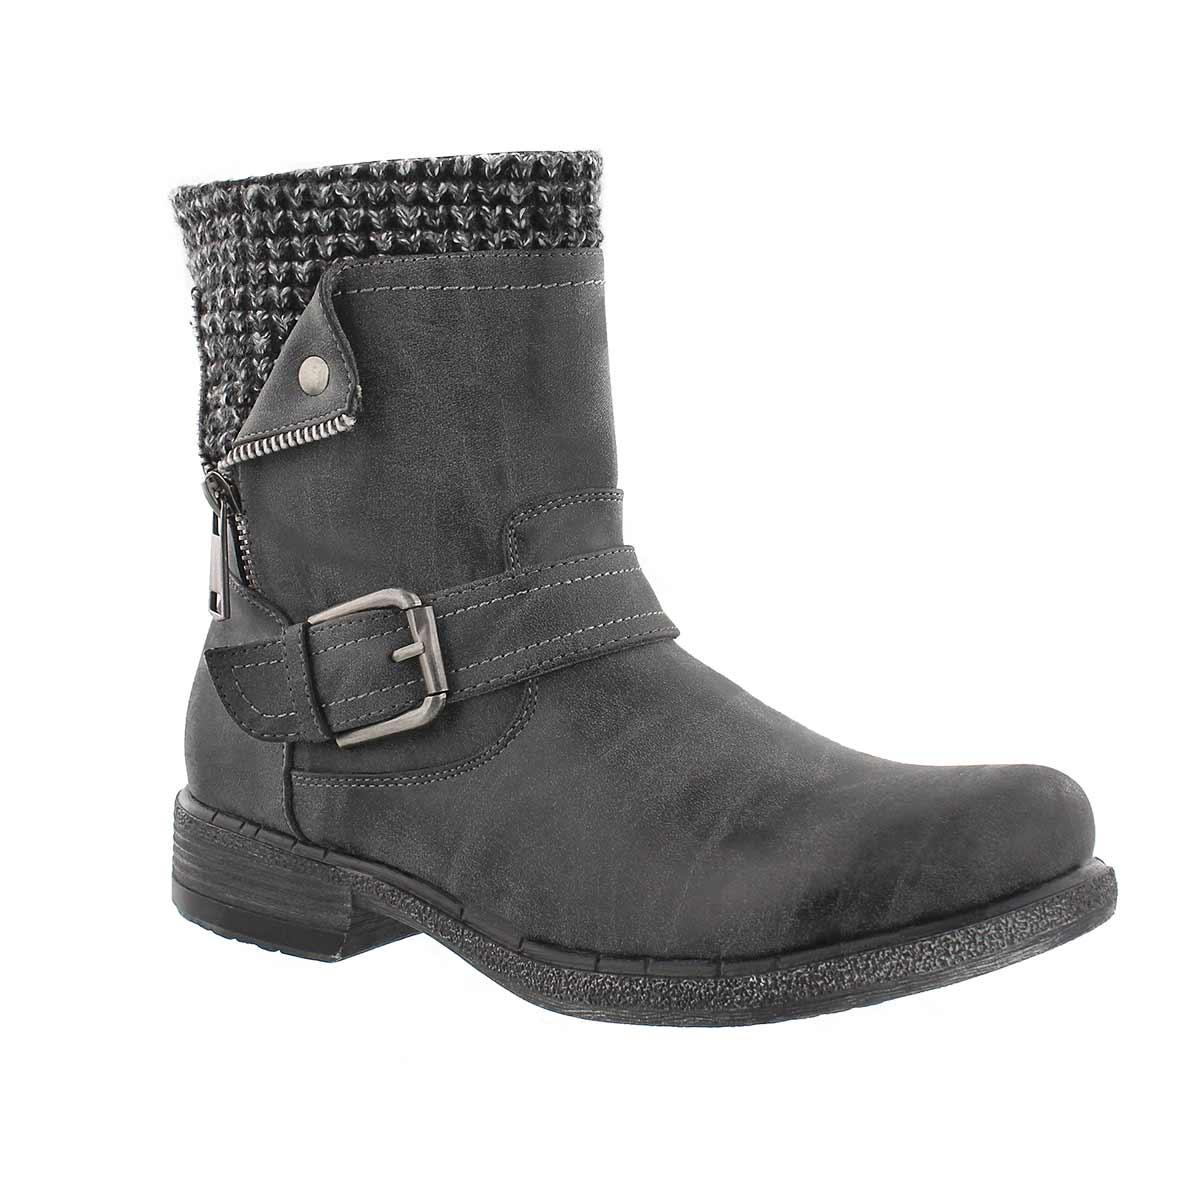 Women's SASHA grey side zip combat boots